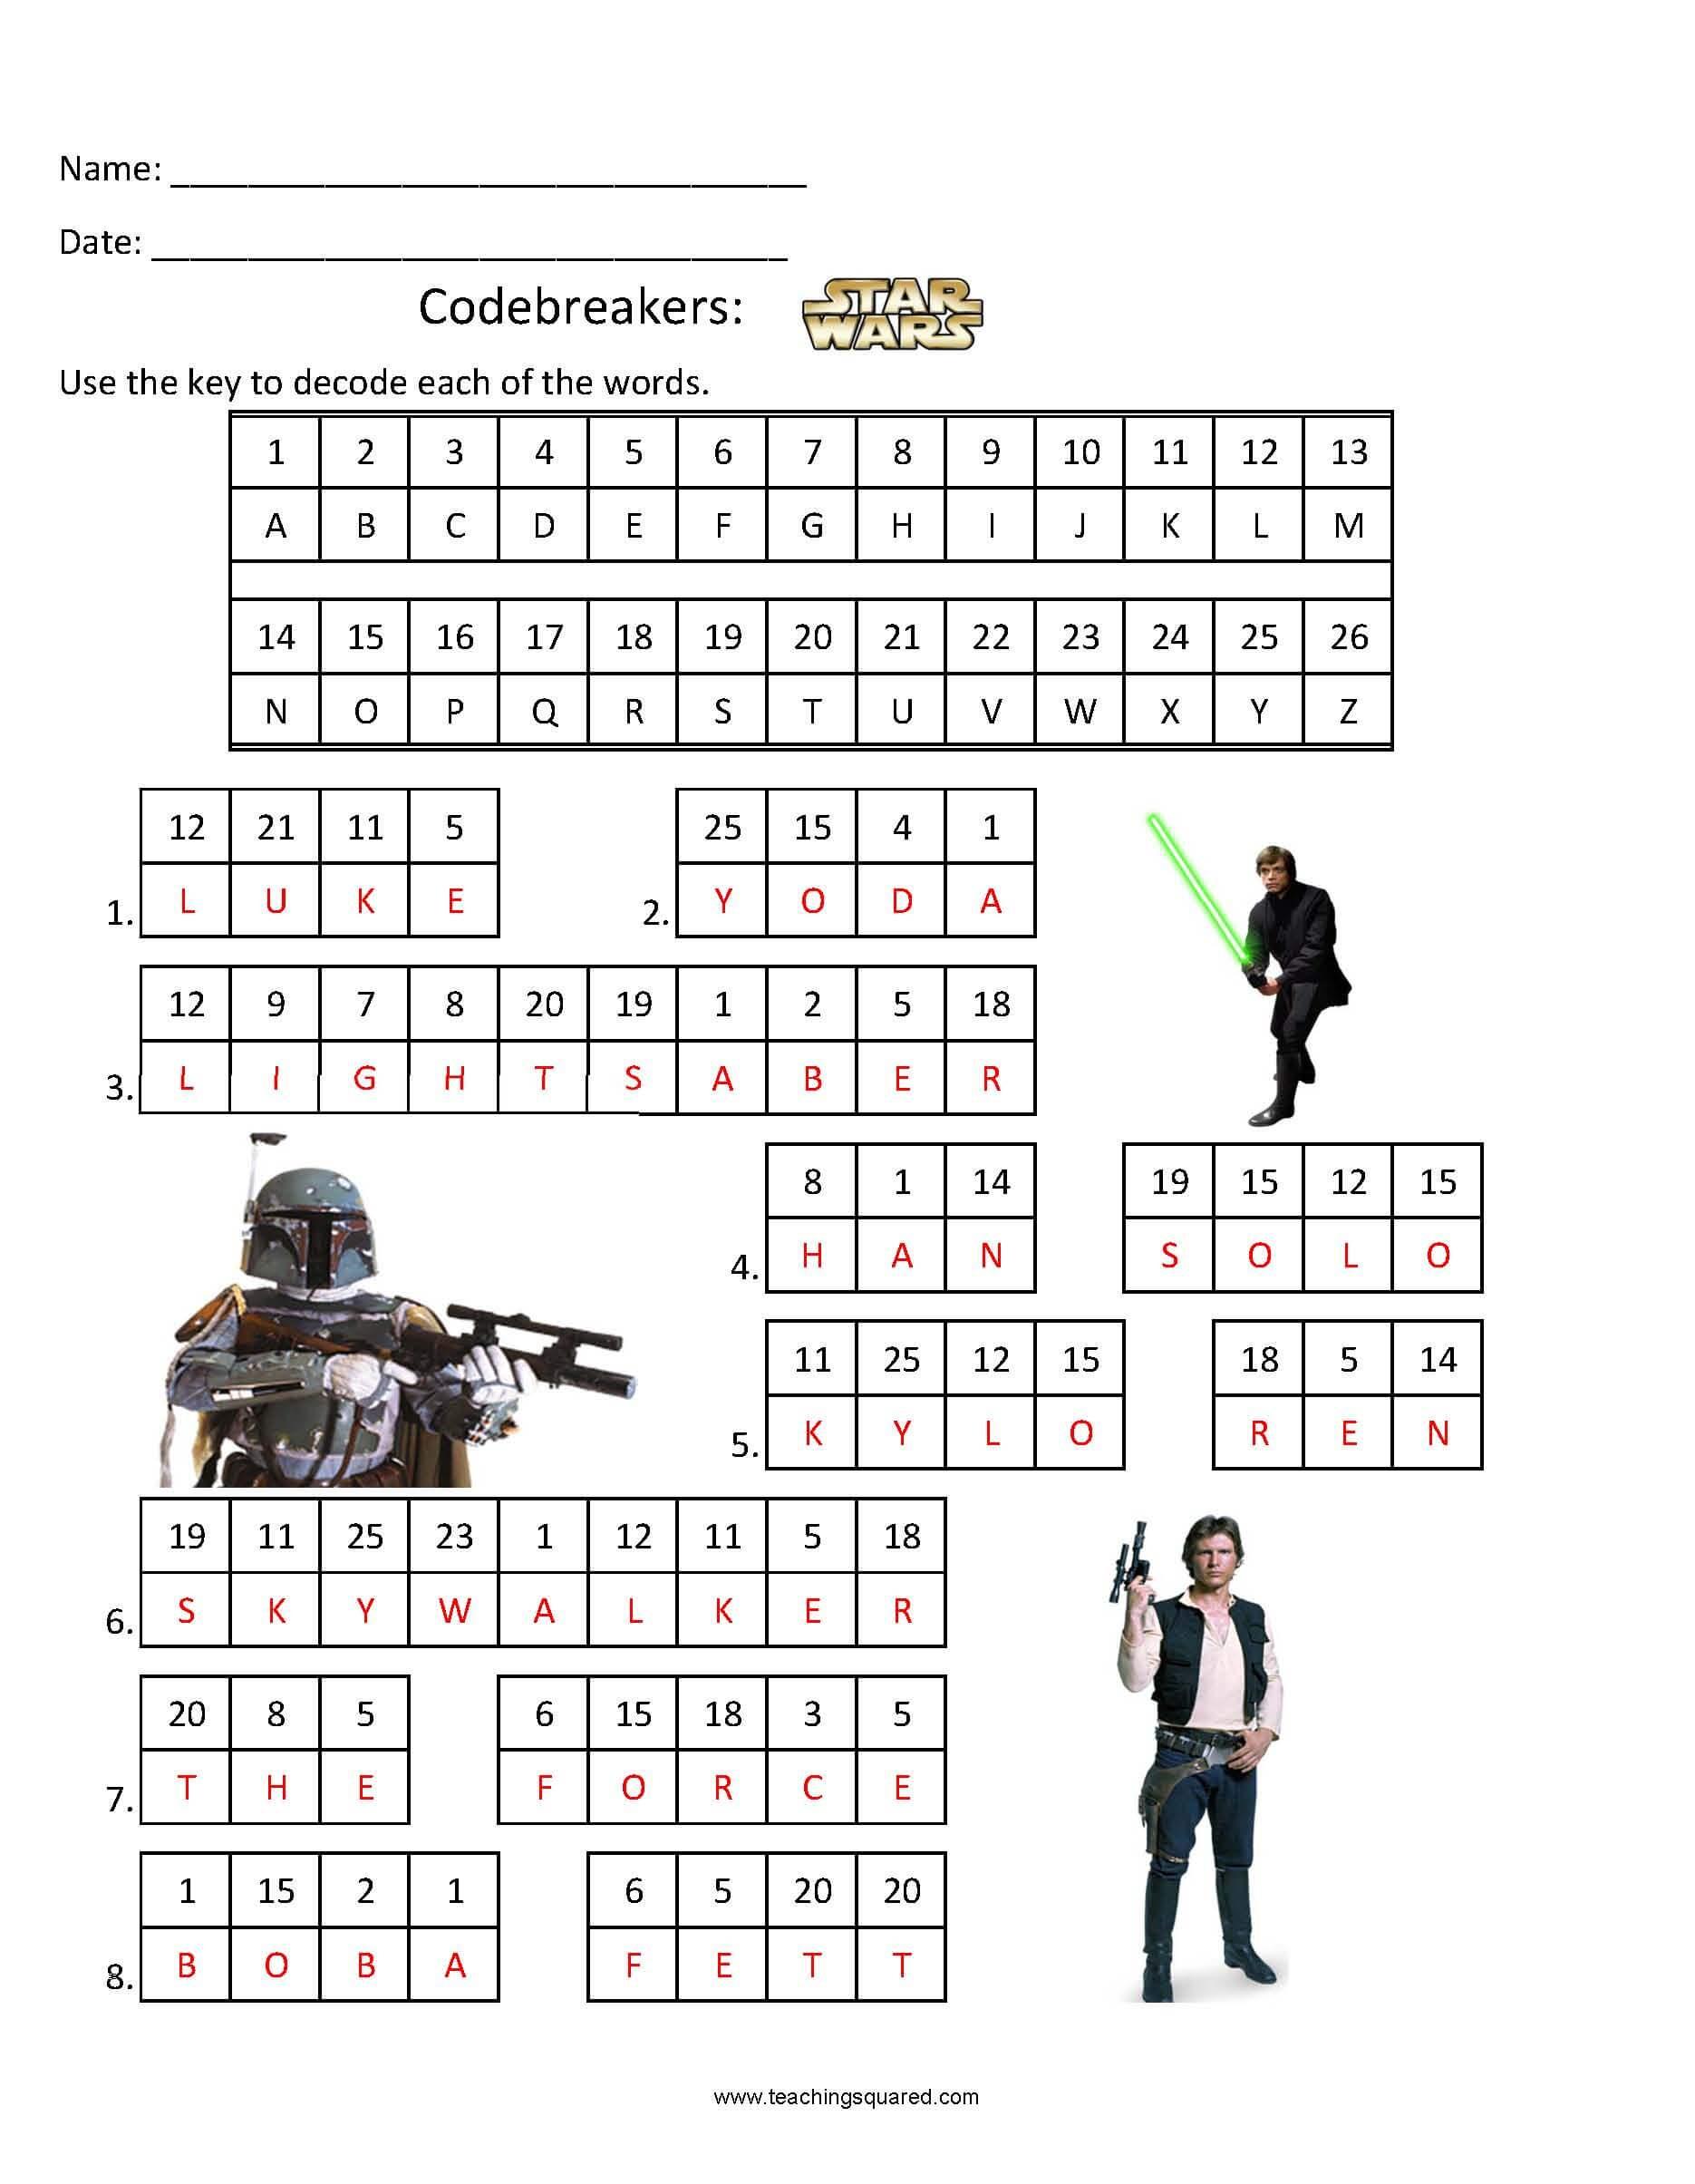 Codebreakers- Star Wars 1 - Teaching Squared - Star Wars Crossword Puzzle Printable